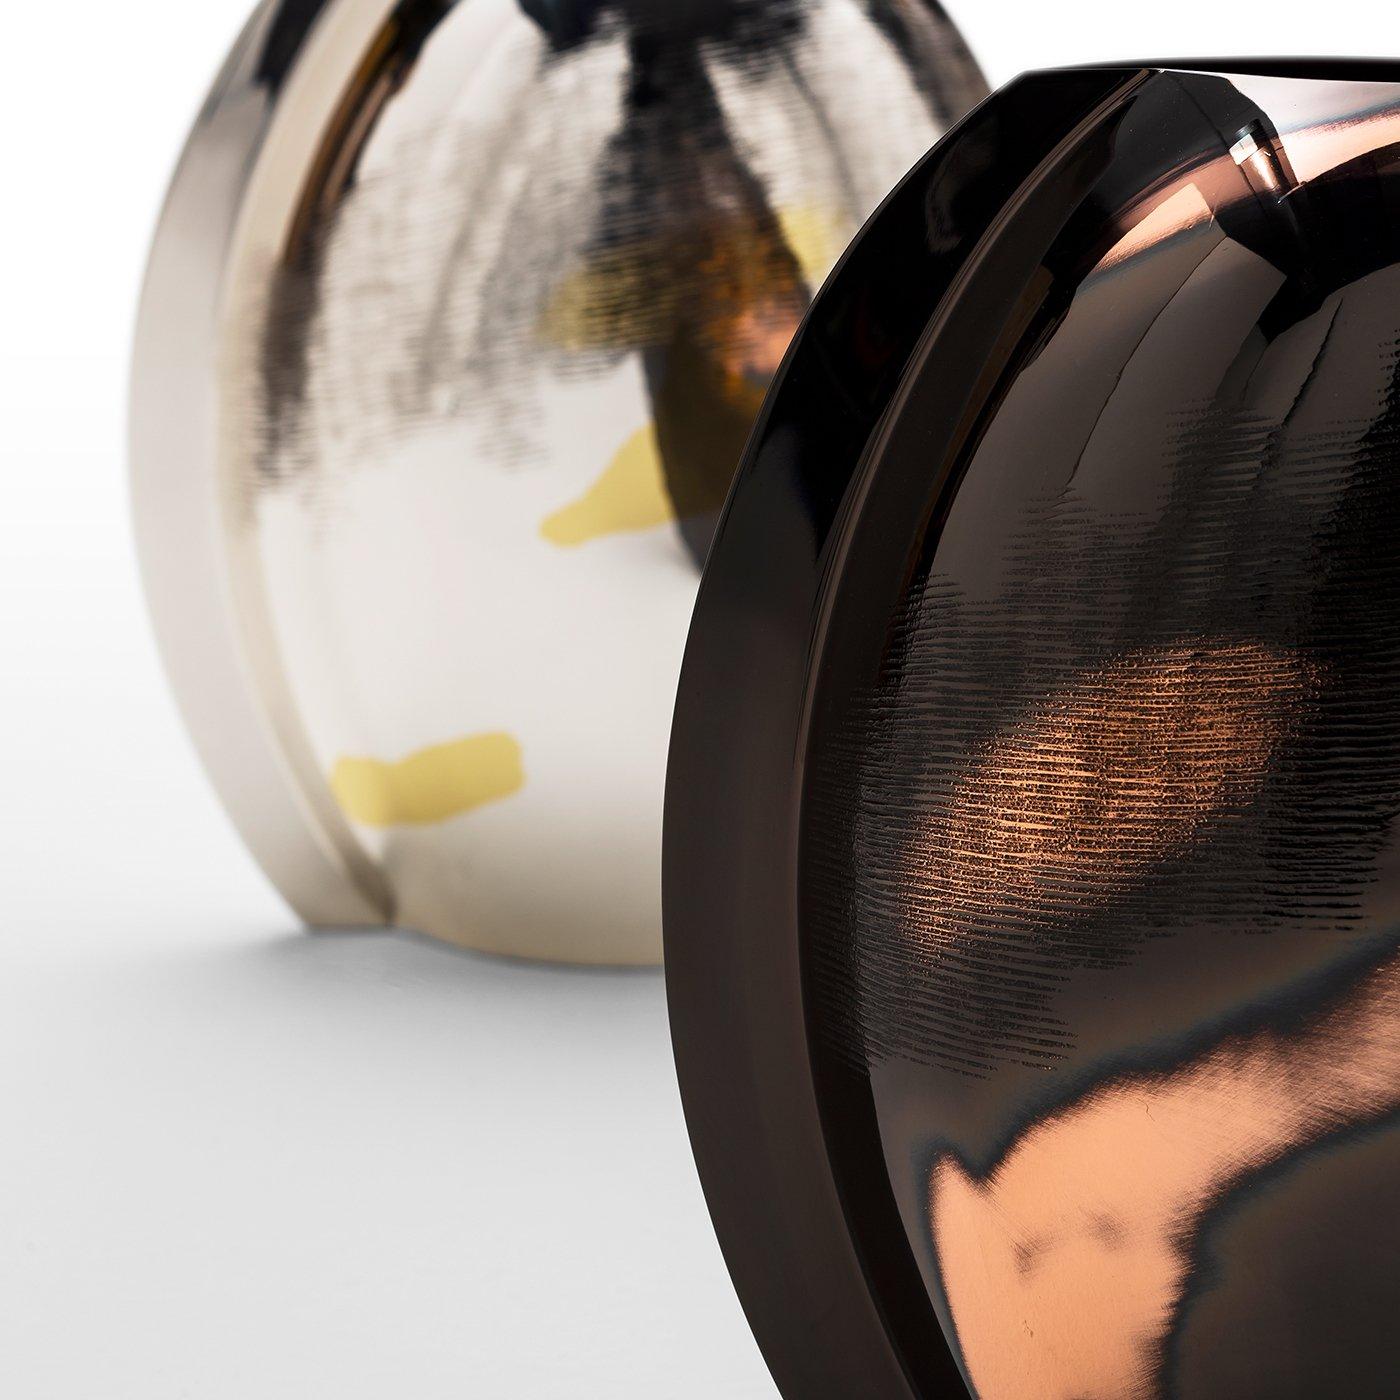 vaso-zanetto-regali-titanio-rame-2